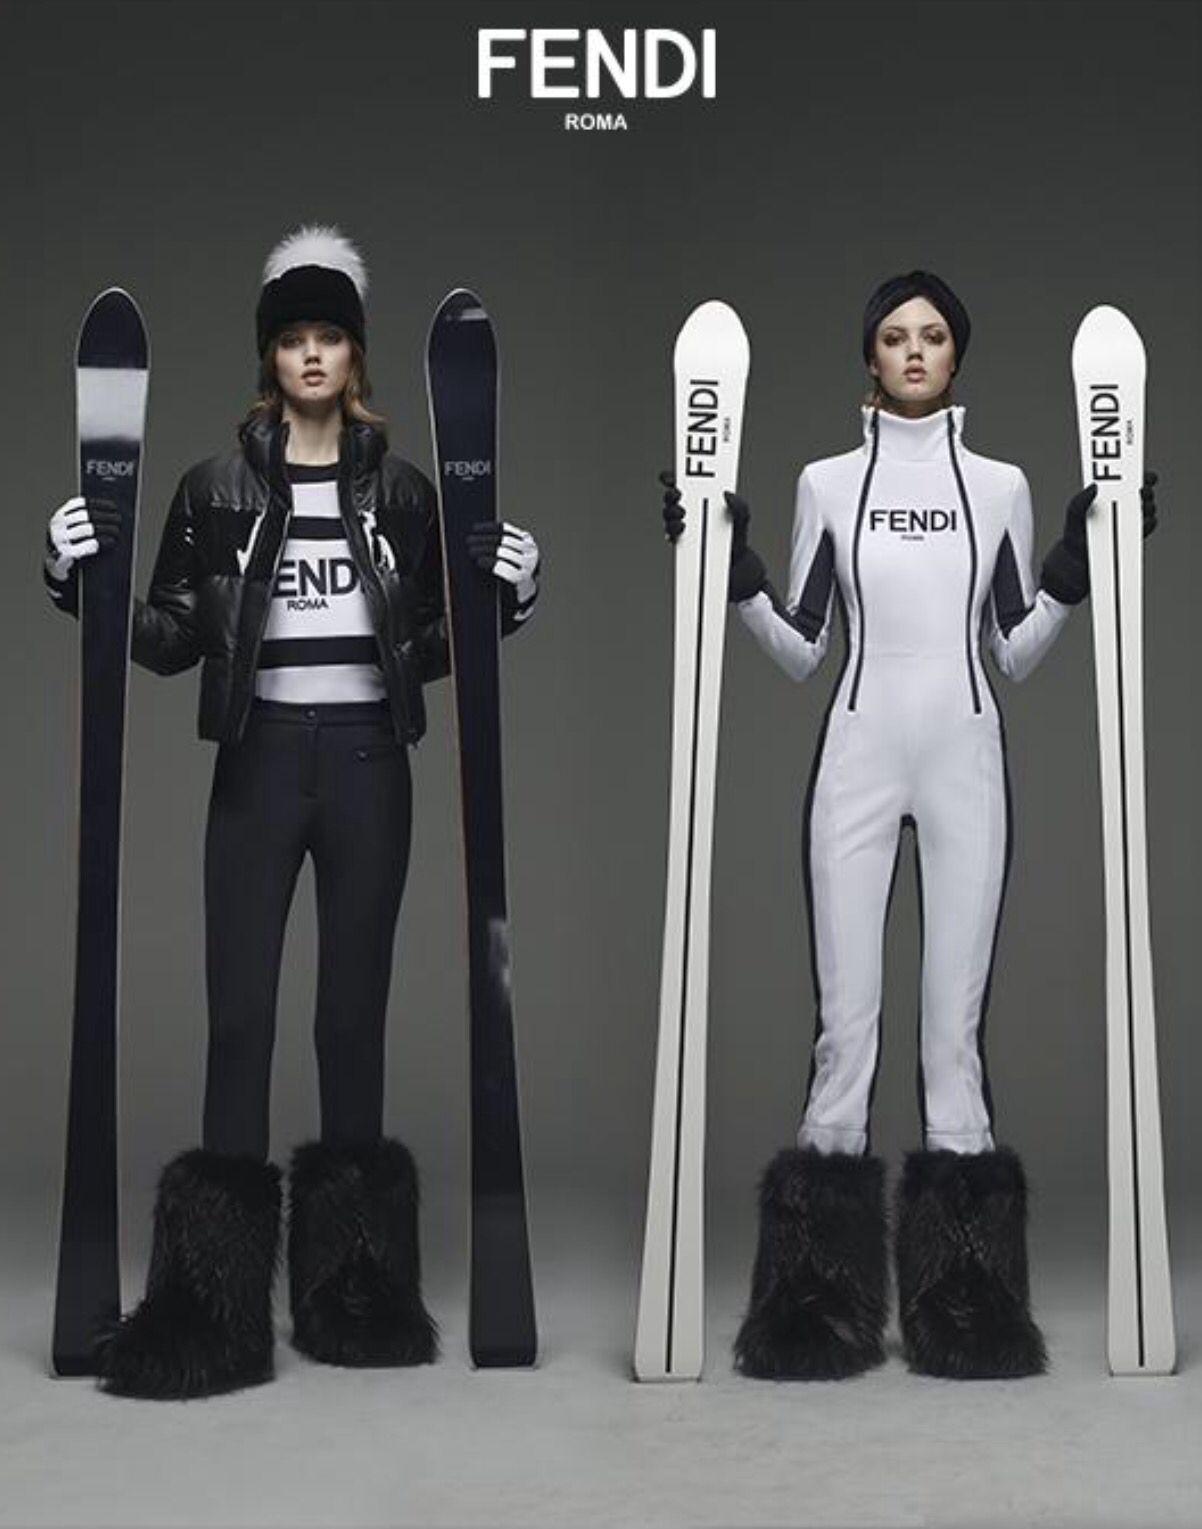 Fendi Leisurewear 15 16 Skying With Fendi Skiing Outfit Ski Fashion Womens Ski Women